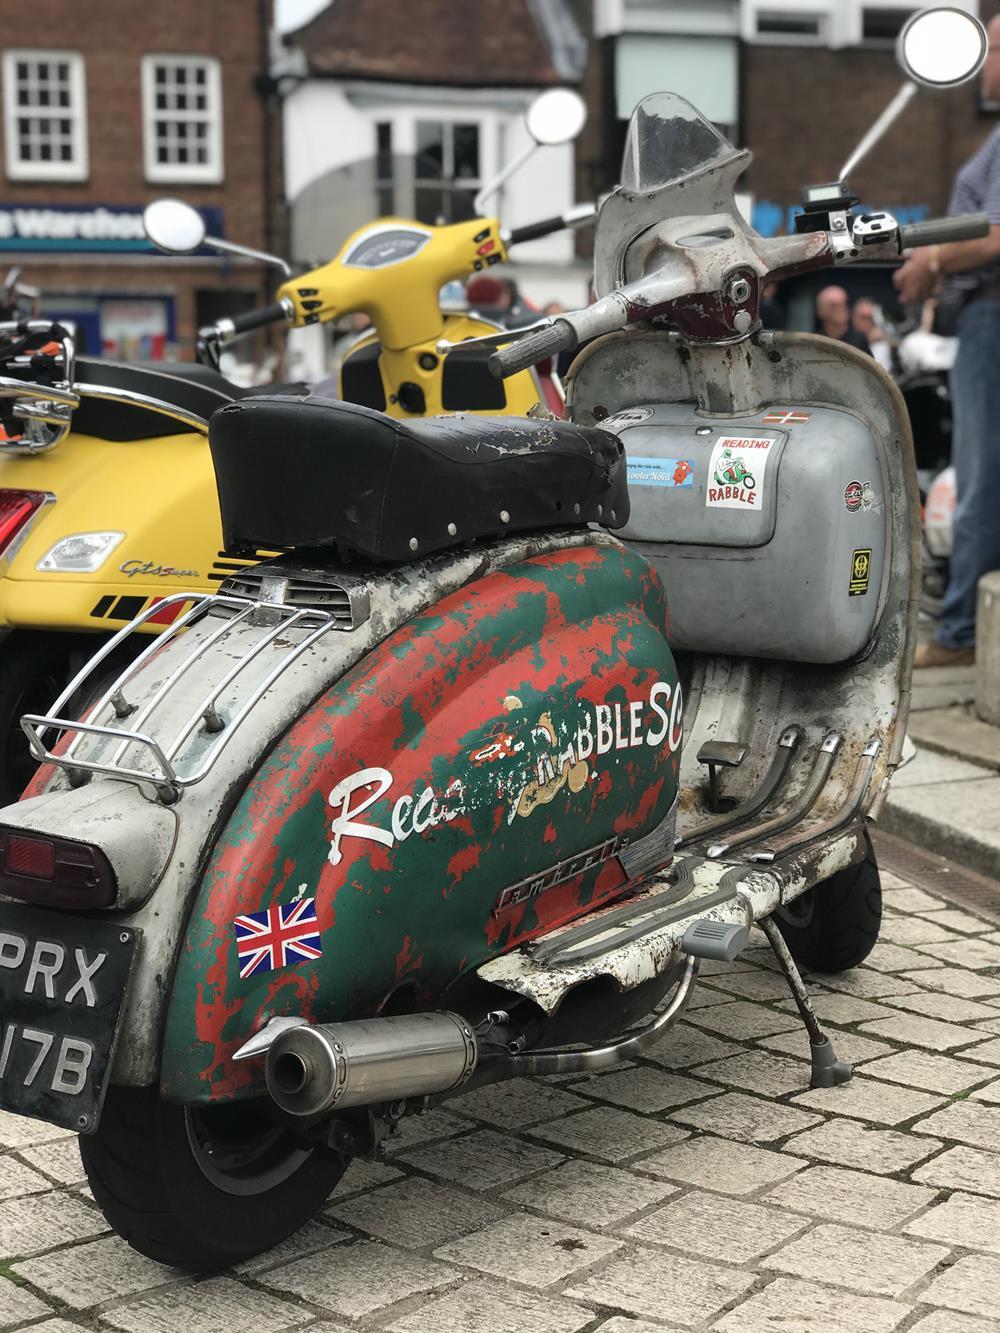 Rat rod Lambretta scooter